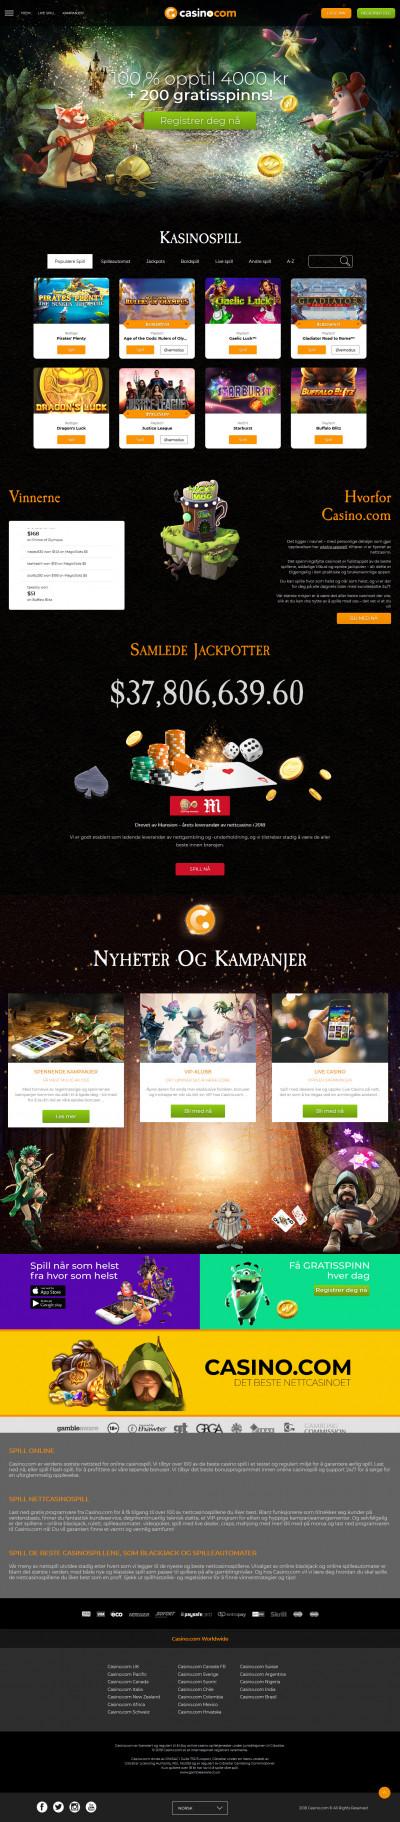 Casino.com Screenshot